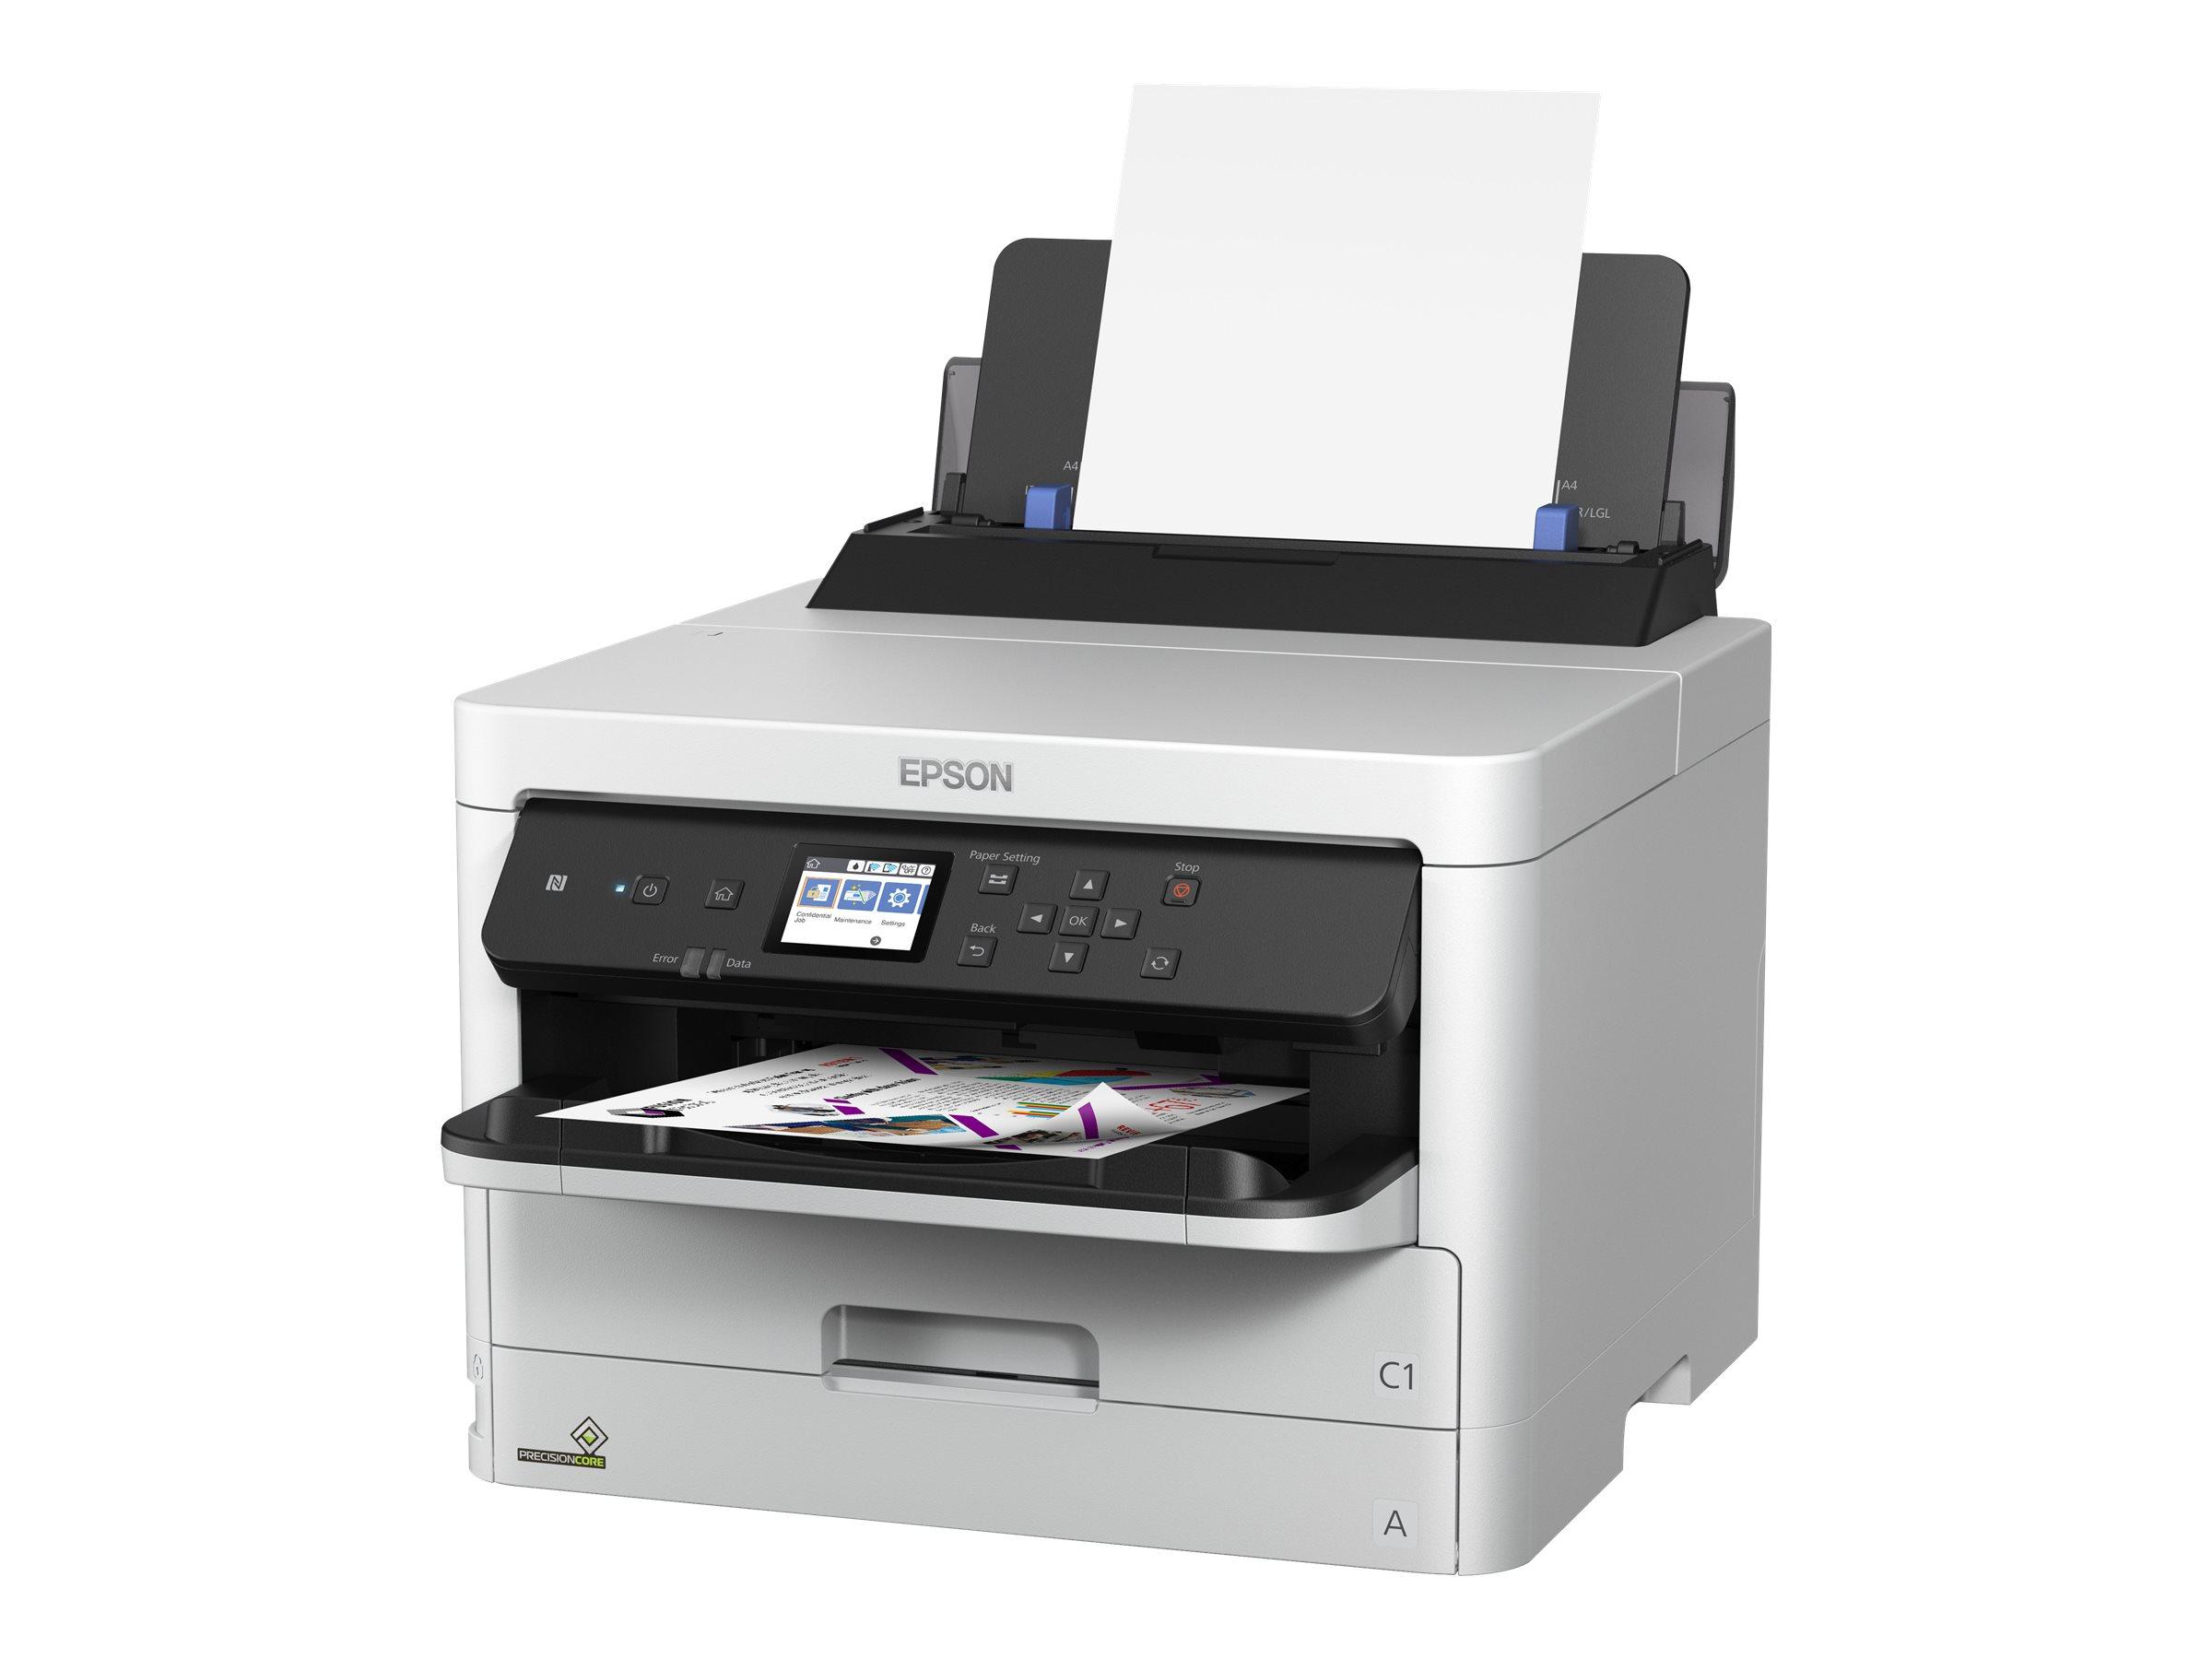 Epson WorkForce Pro WF-C5290DW - Drucker - Farbe - Duplex - Tintenstrahl - A4/Legal